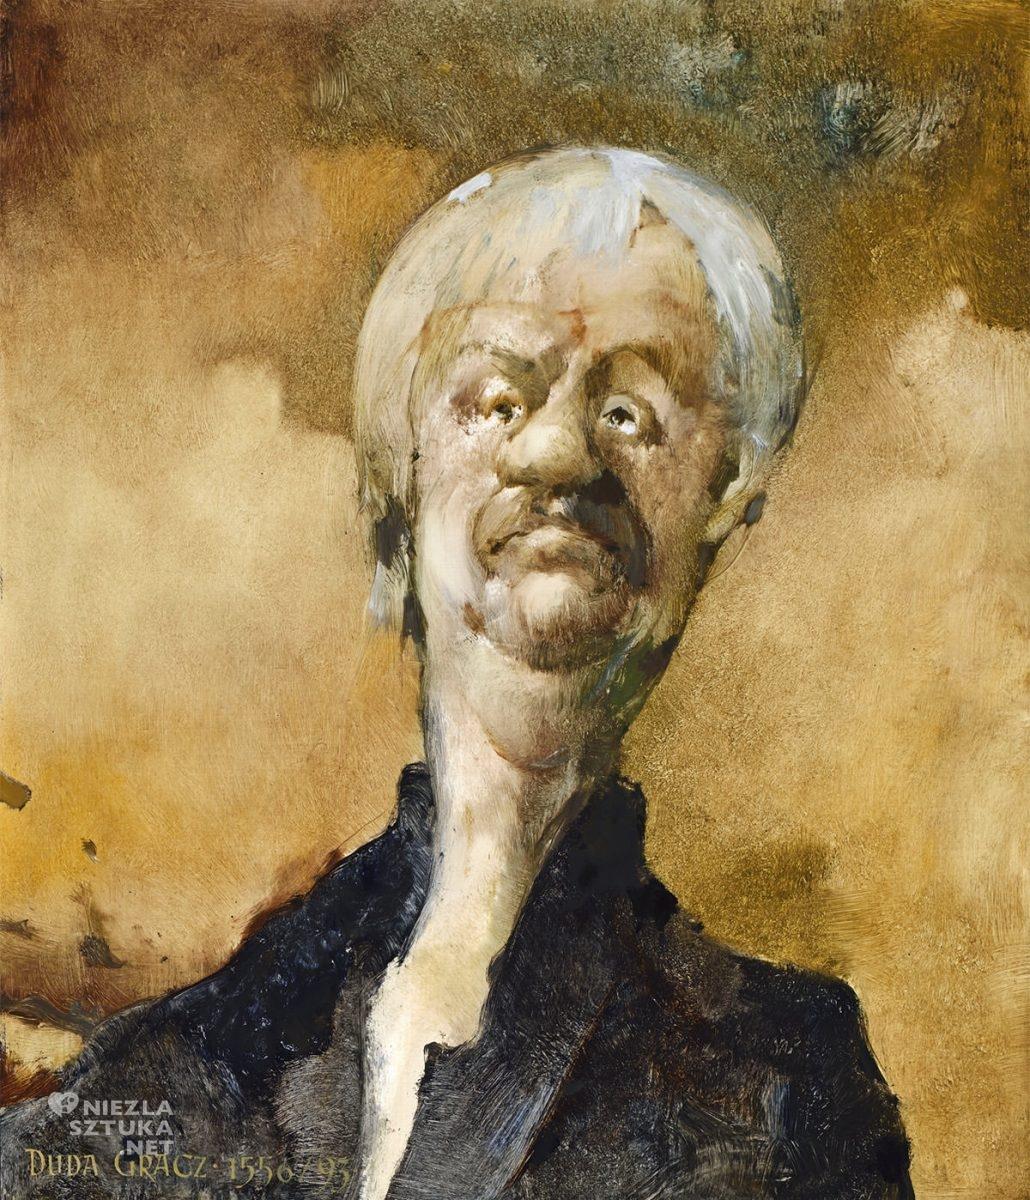 Jerzy Duda-Gracz, Obraz 1556, Autoportret, sztuka polska, sztuka współczesna, Niezła Sztuka